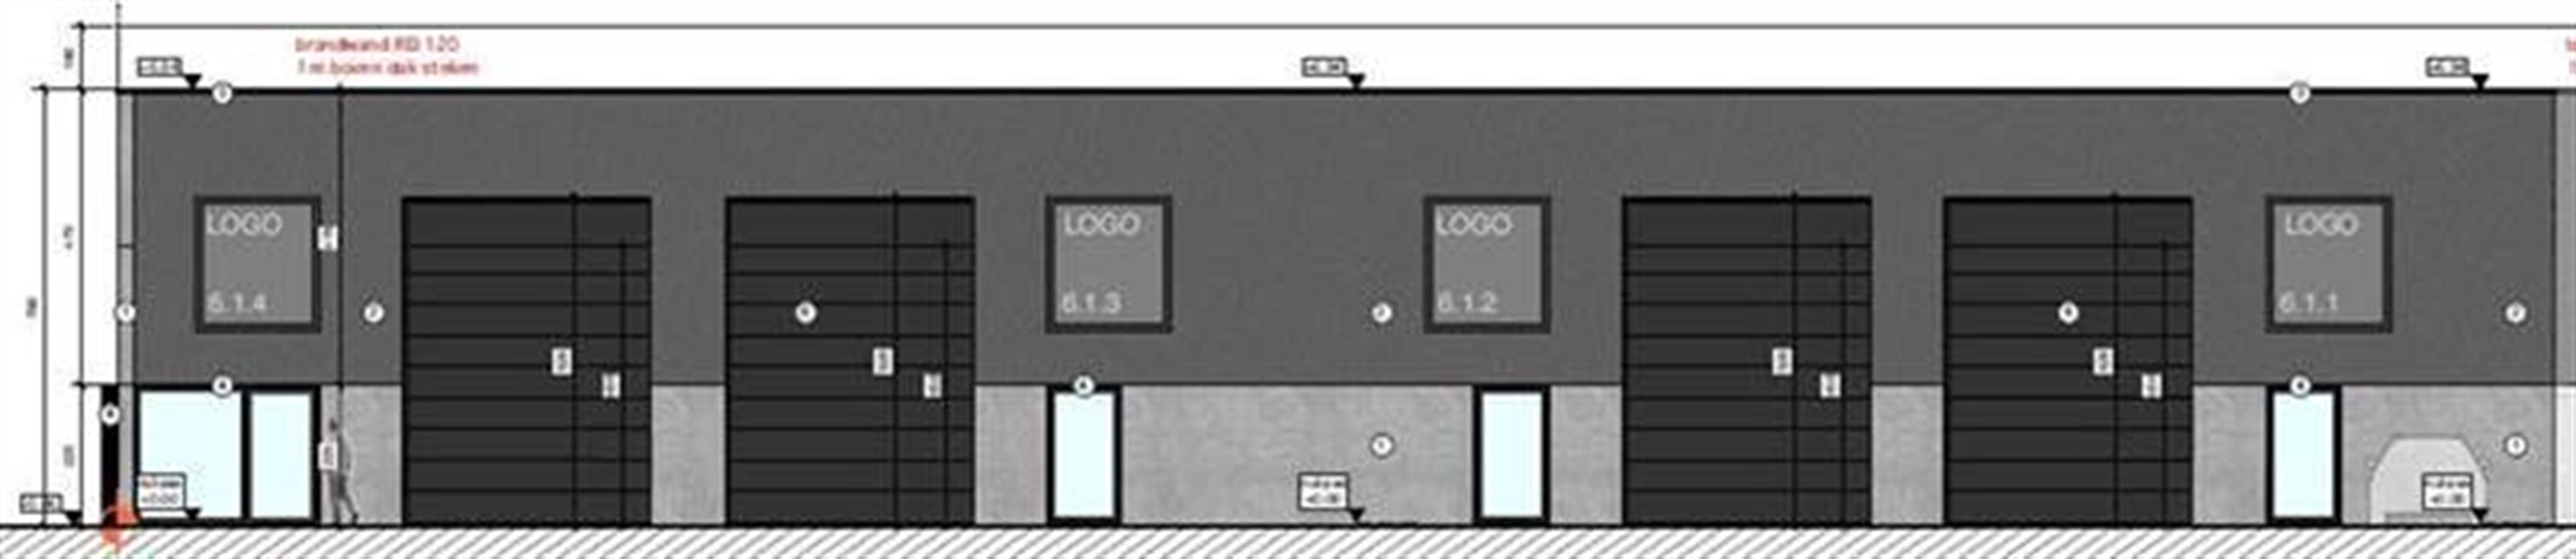 KMO-unit te koop UNIT 6.1.3 - Bollaarstraat 6, 2500 Lier, België 4